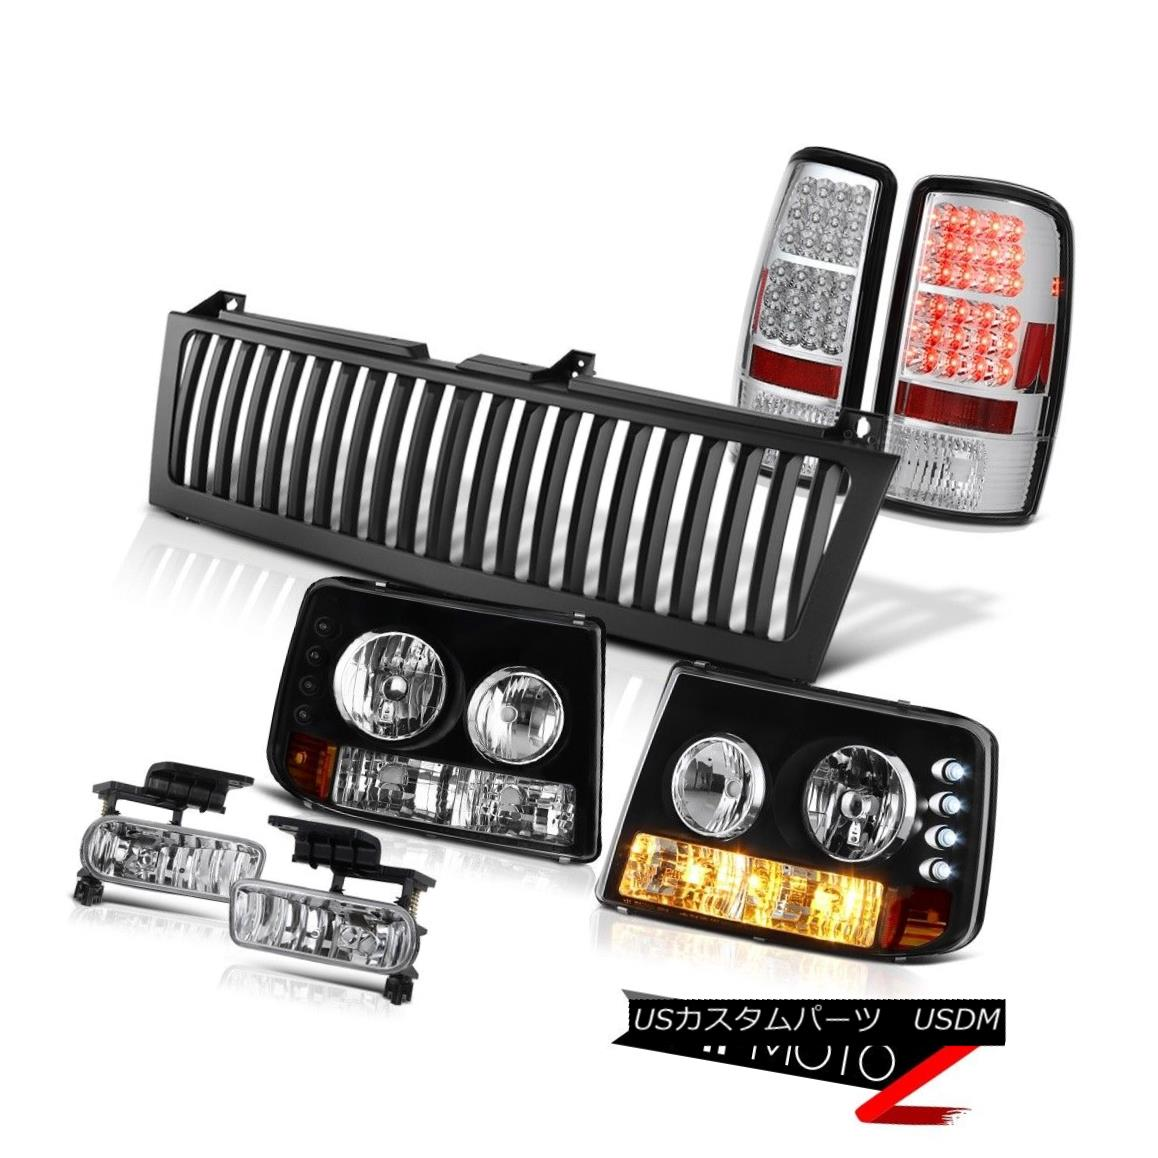 ヘッドライト 00-06 Suburban 5.7L Parking Headlamp Clear LED Tail Lights Foglight Black Grille 00-06郊外5.7LパーキングヘッドランプクリアLEDテールライトフォグライトブラックグリル